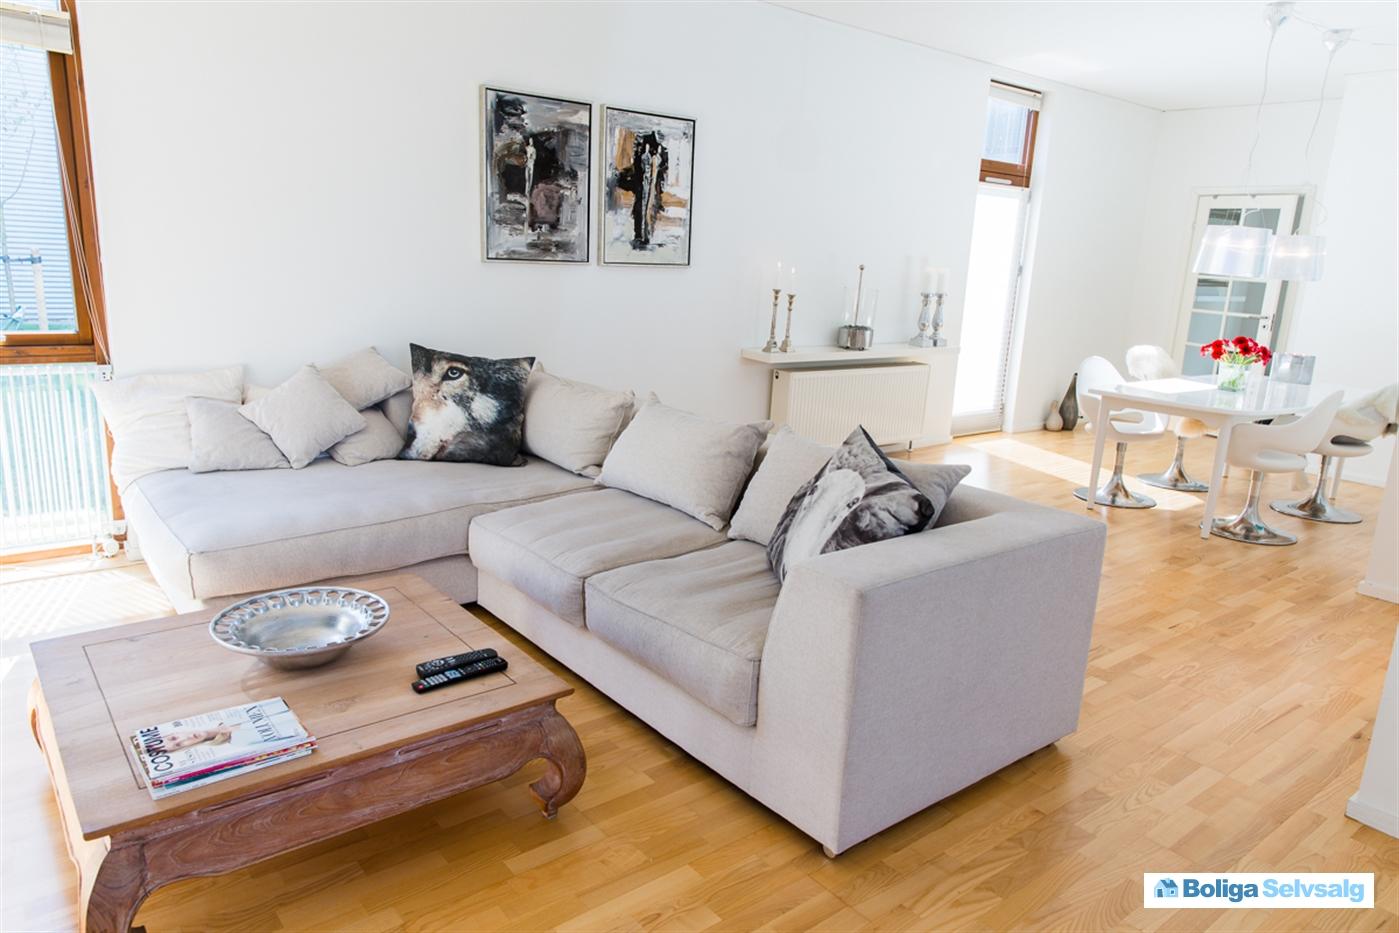 Morelhaven 6, st., 4600 Køge - Super lækker stue lejlighed med ...